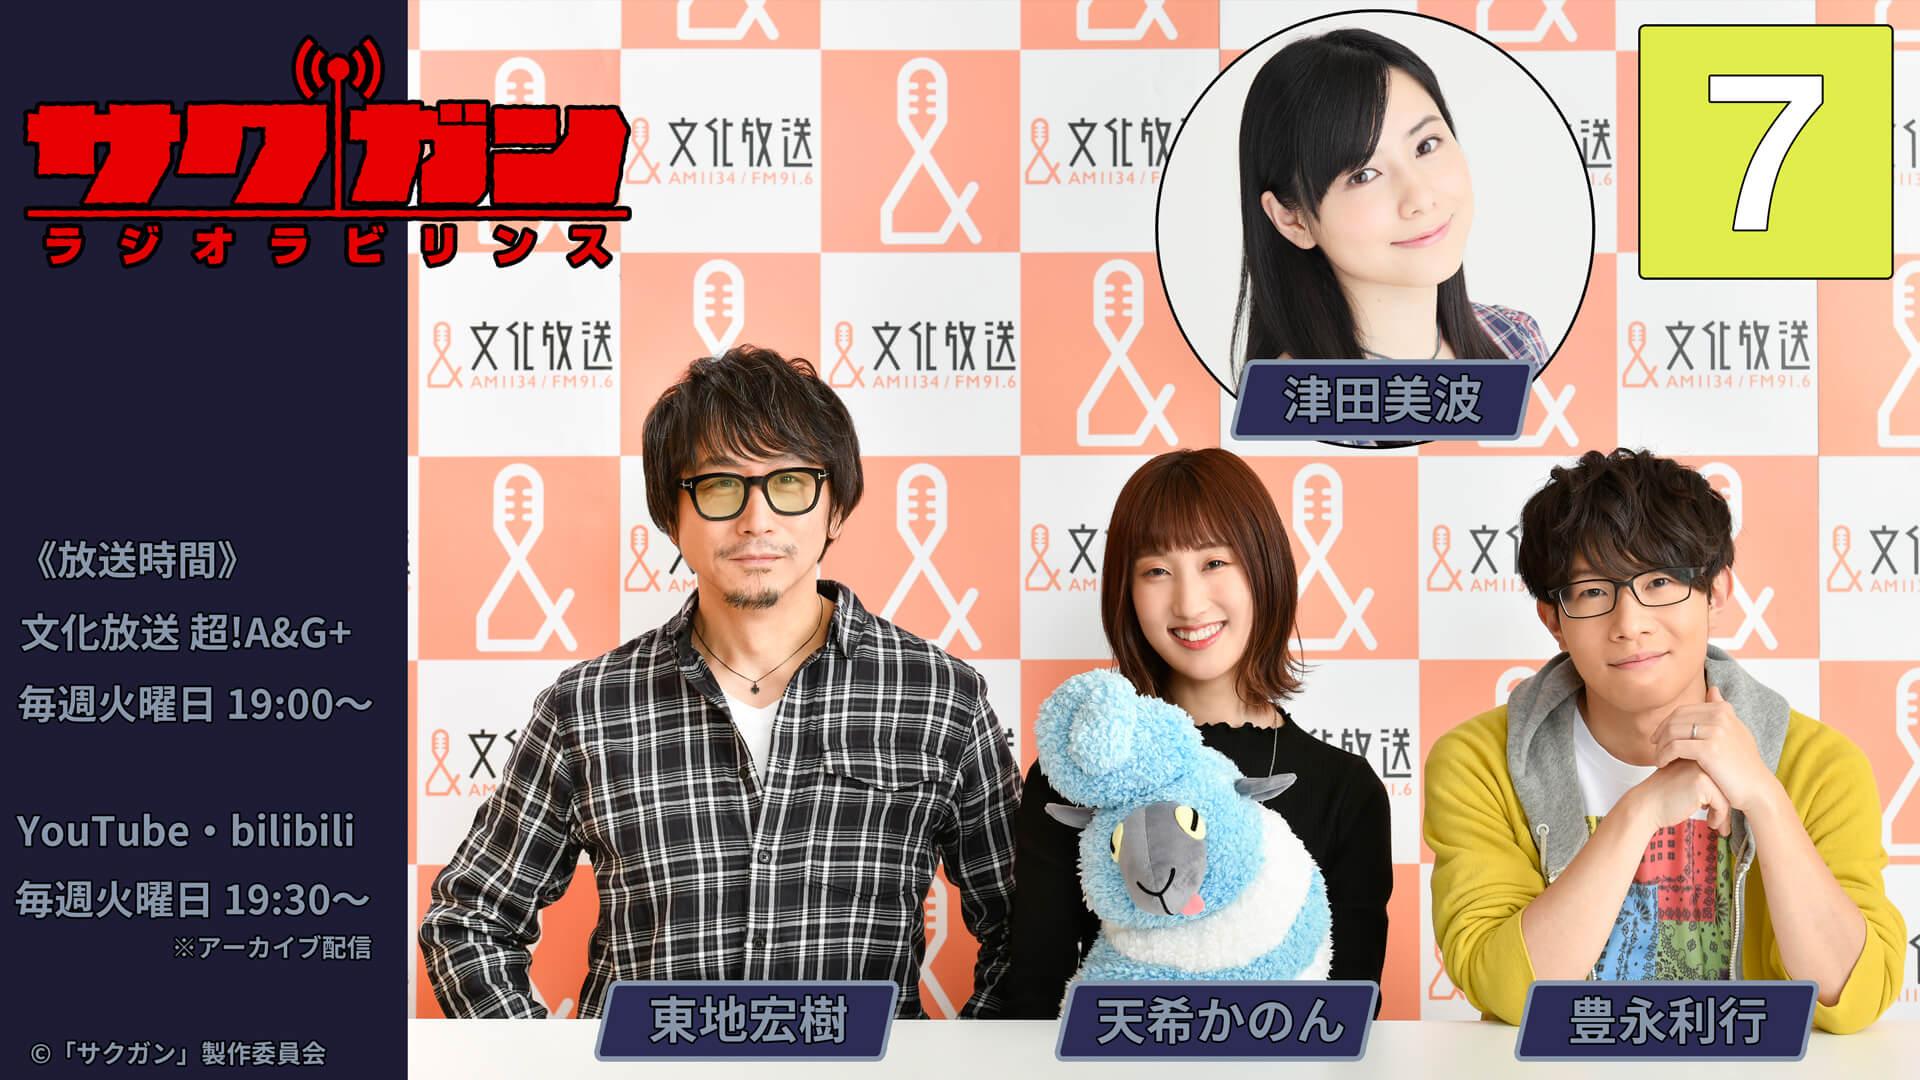 『サクガン ラジオラビリンス #07(ゲスト:津田美波)』2021.05.11放送